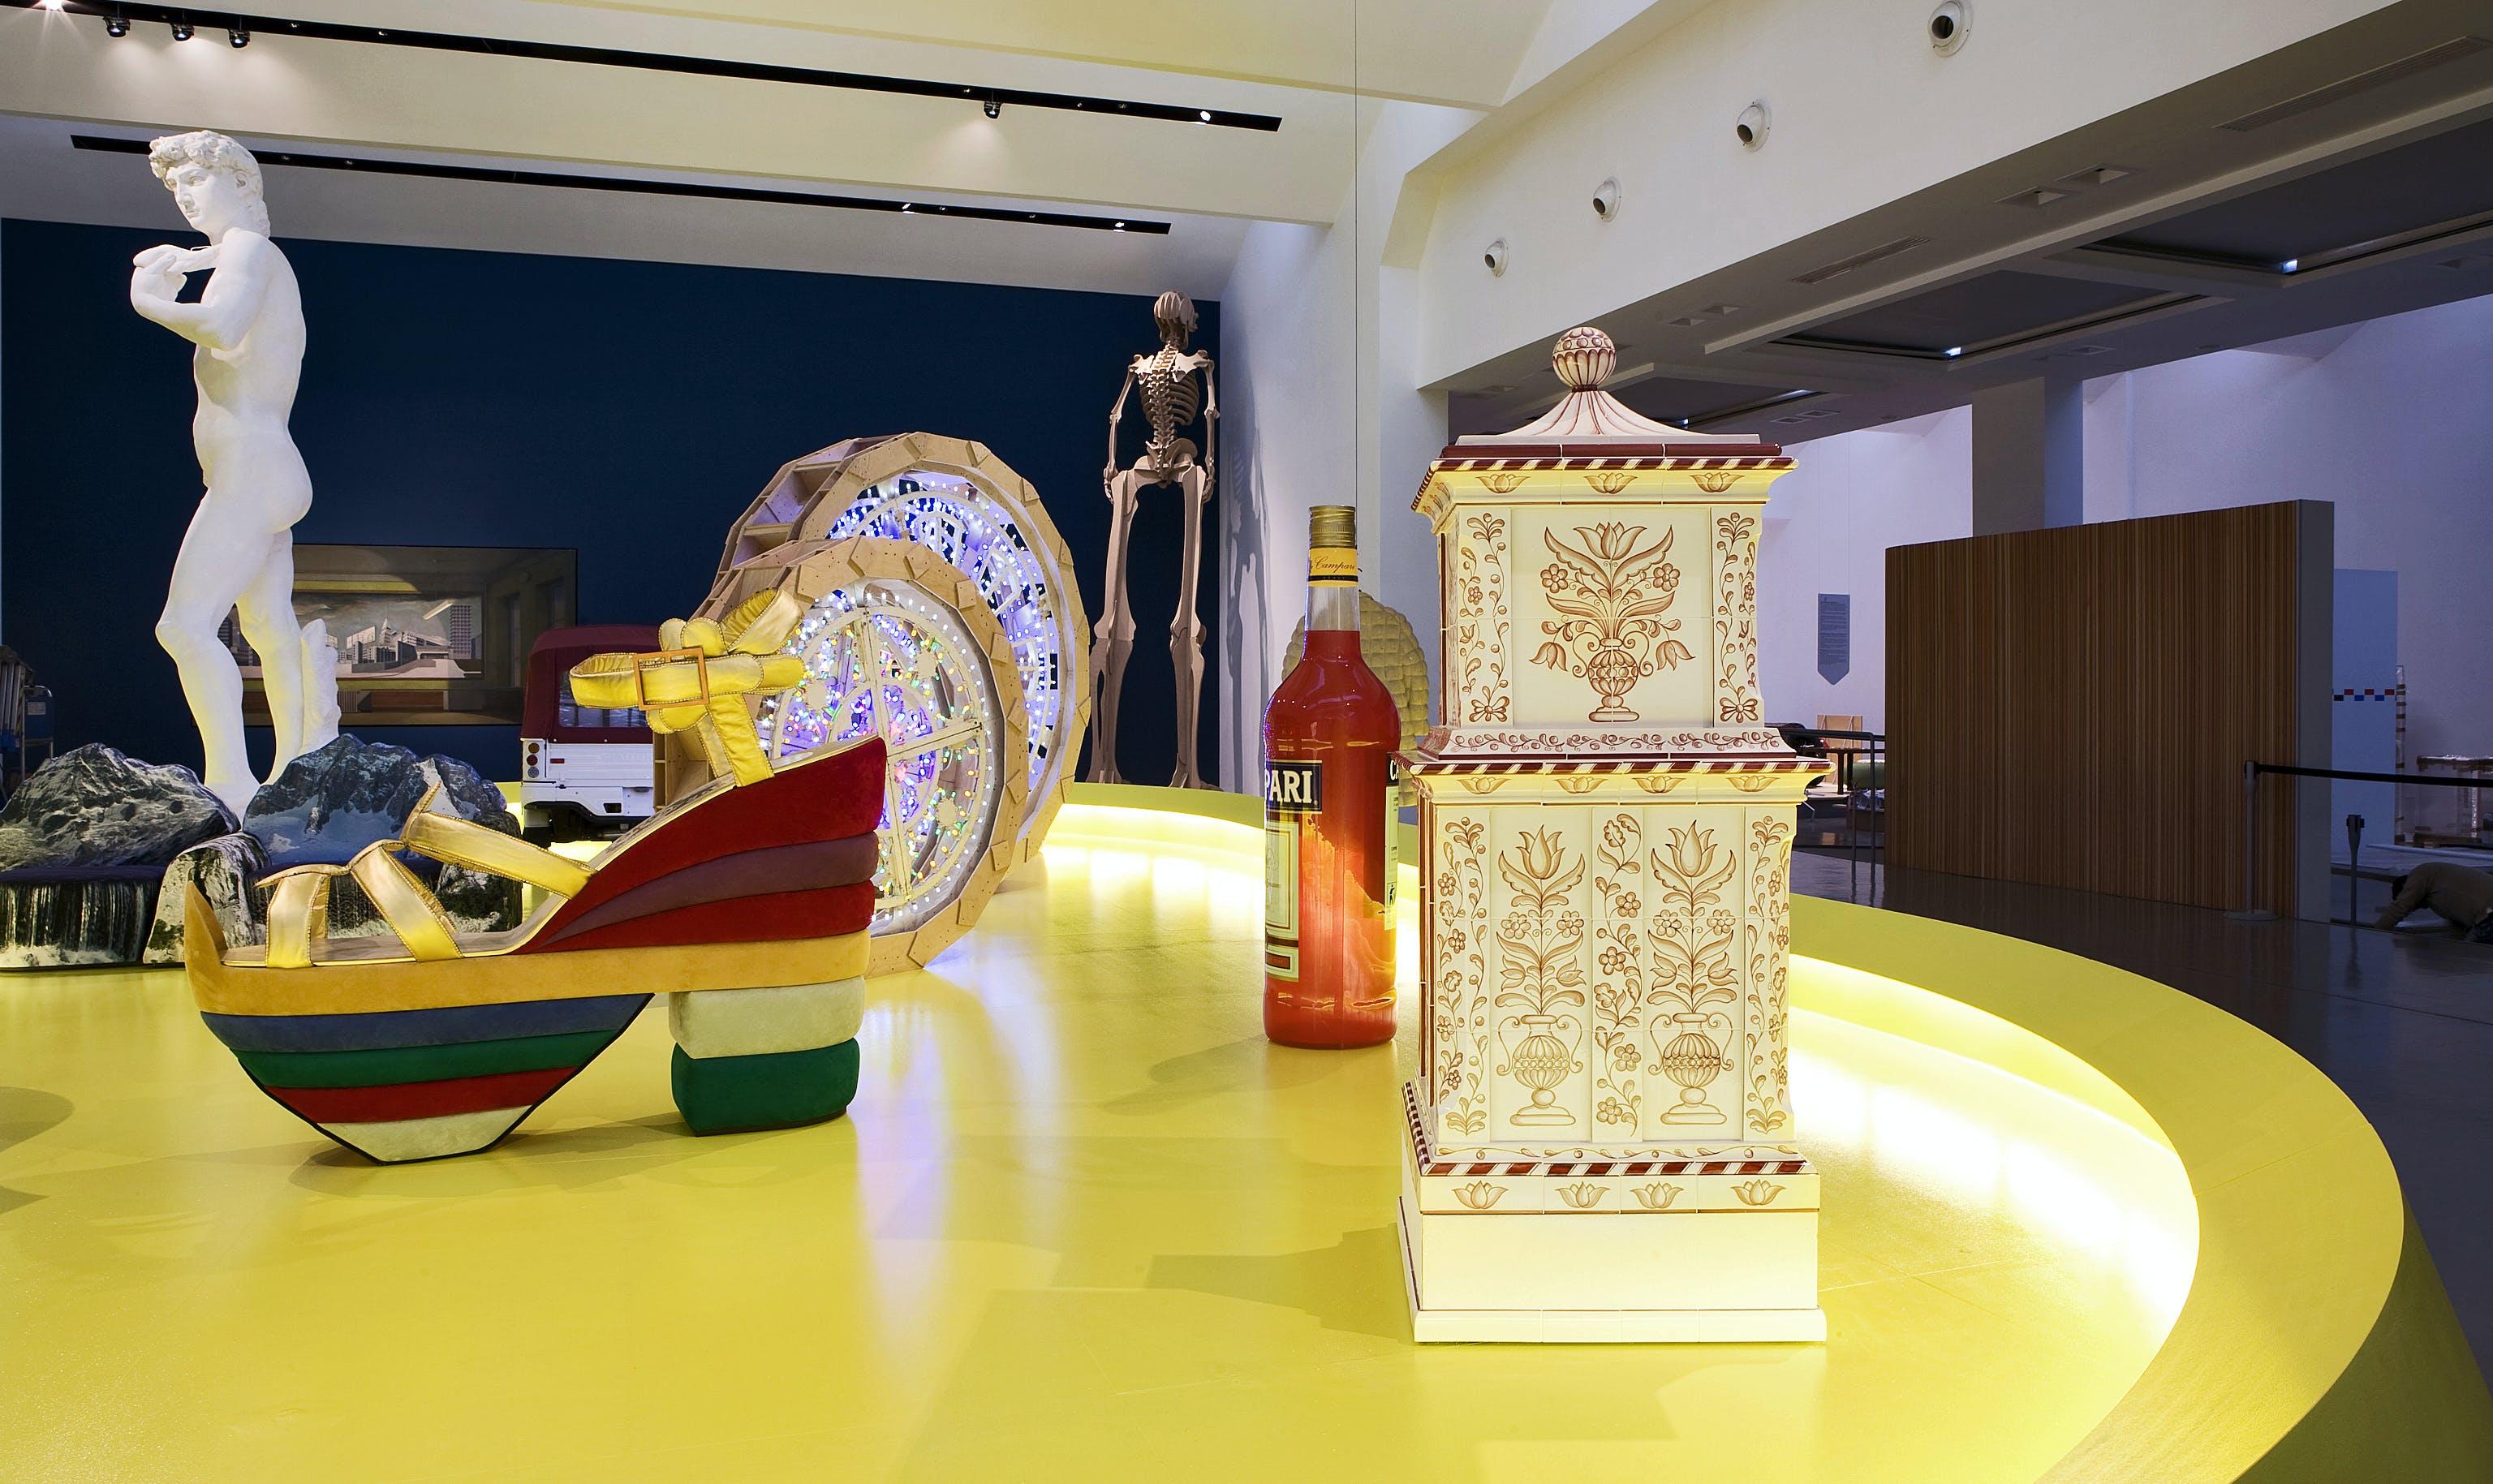 Quali Cose Siamo exhibition, 2010, Triennale Milano